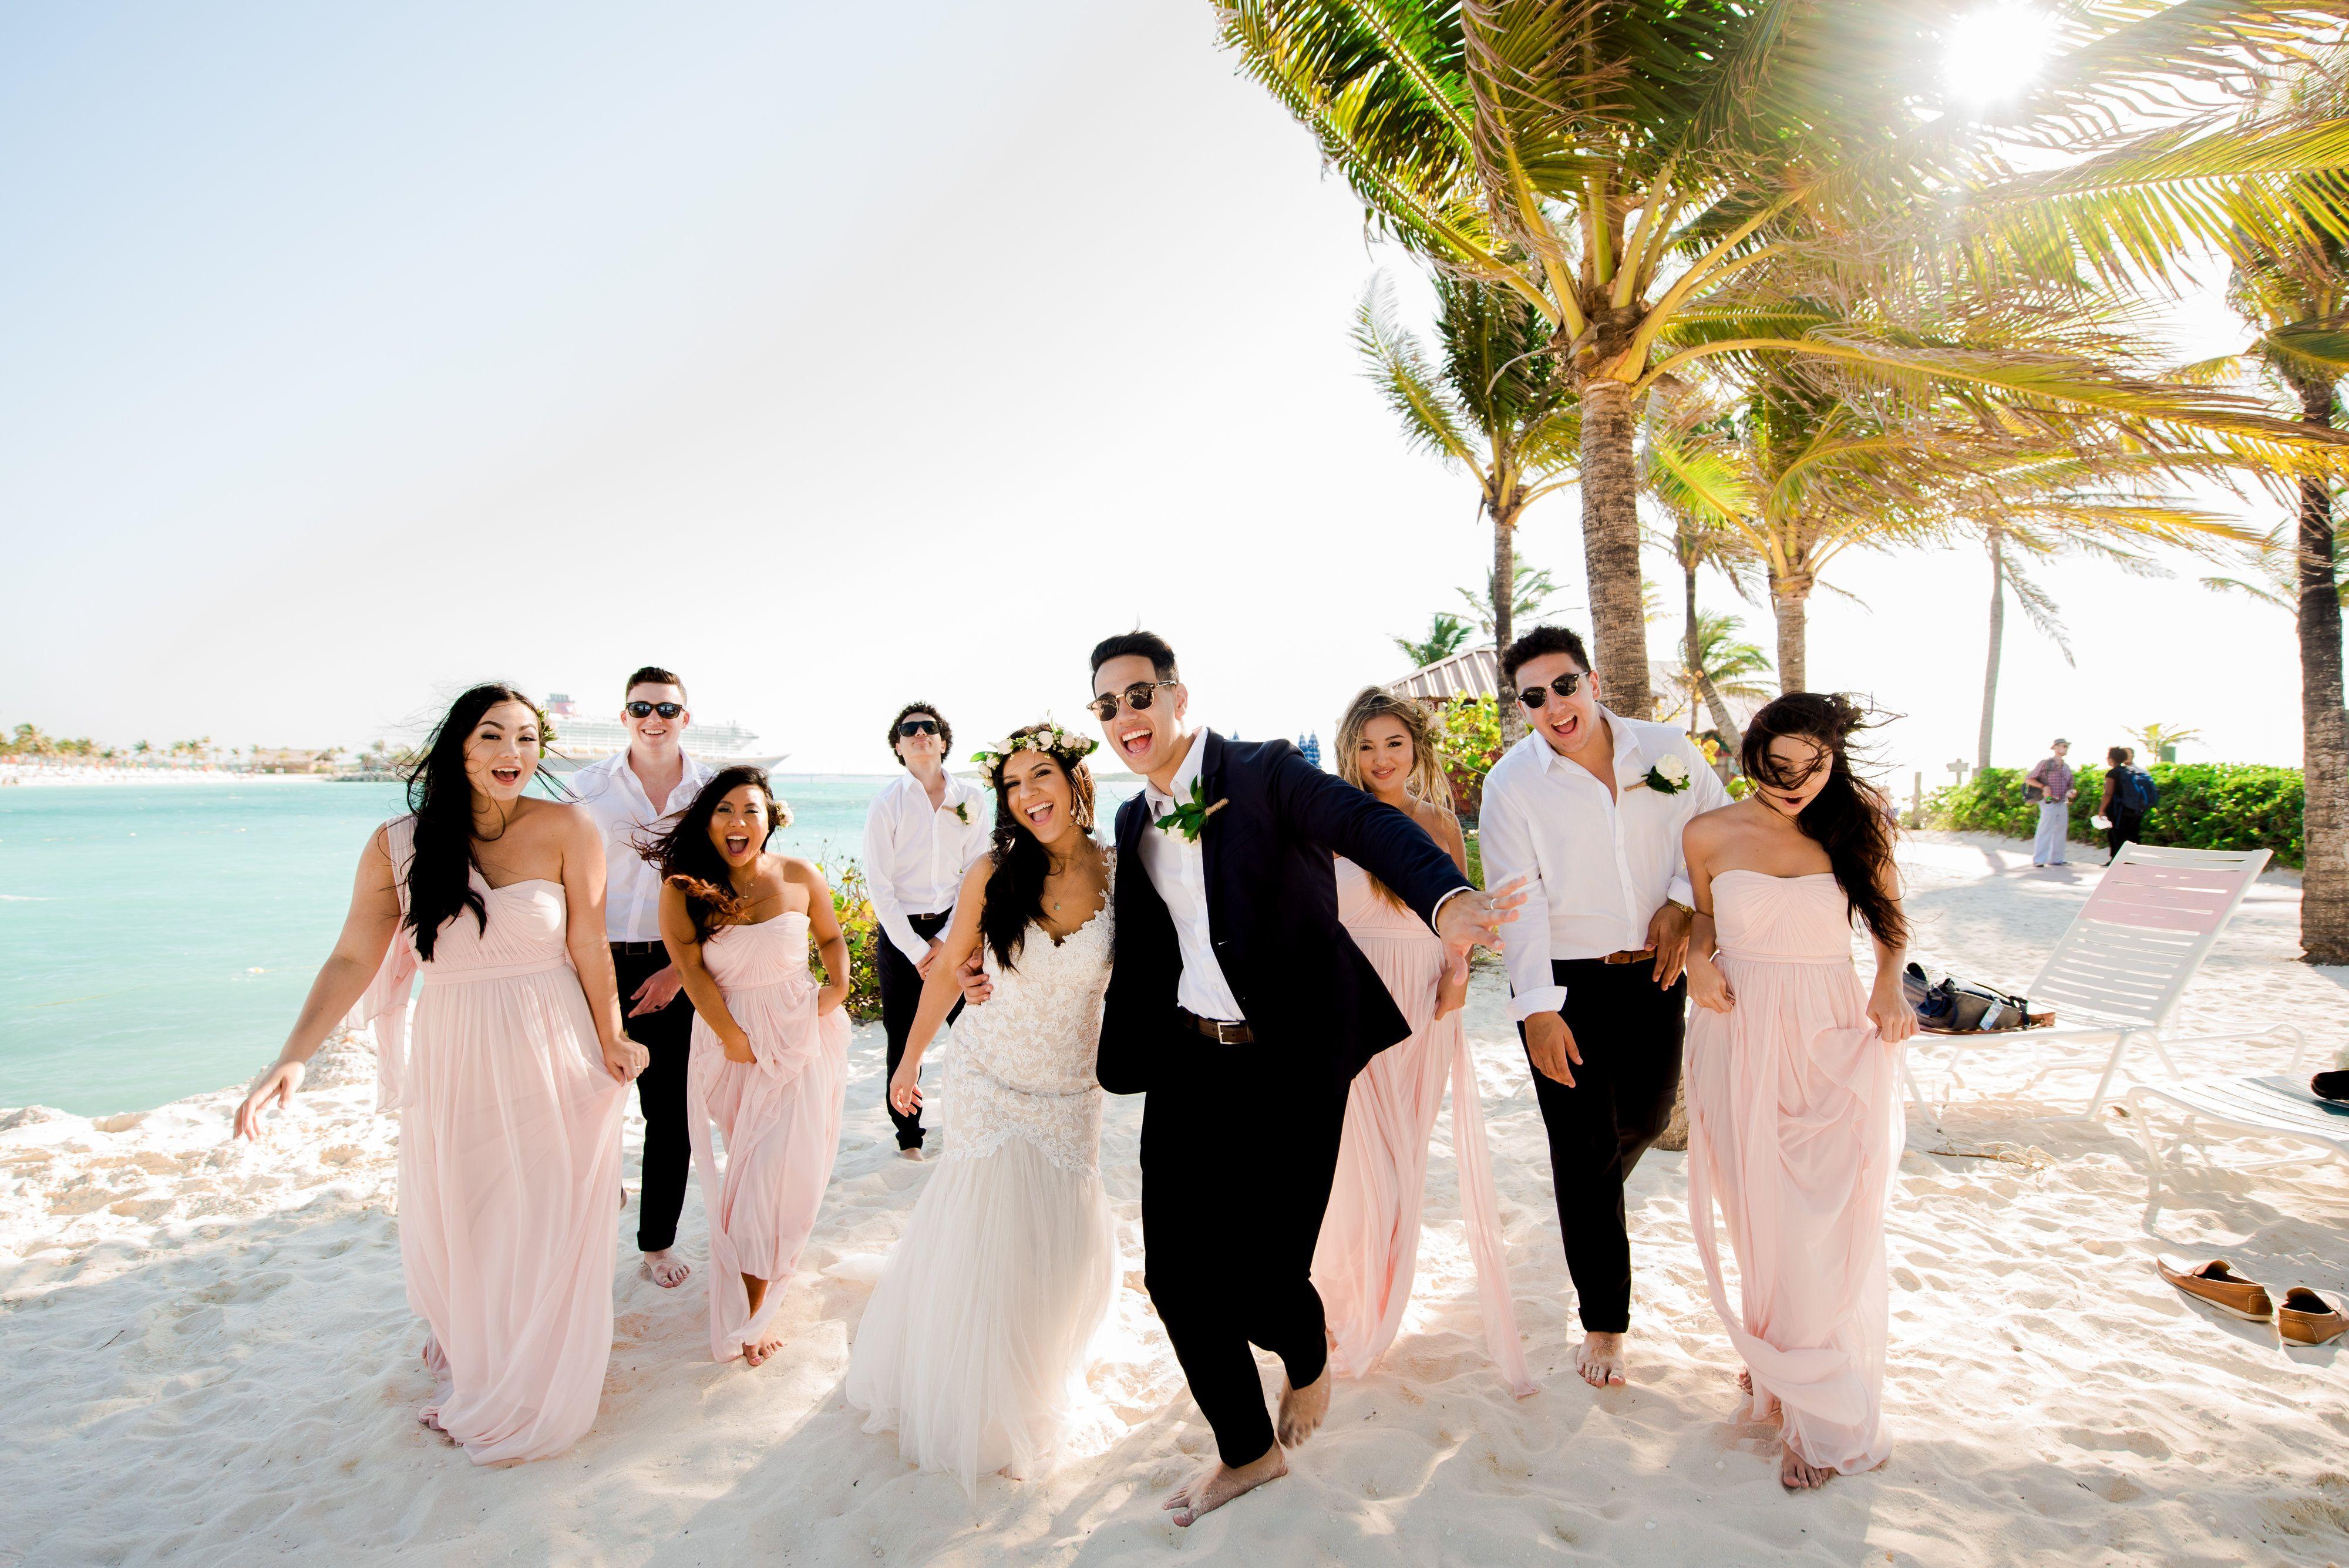 Disney Cruise Line Wedding Disney Wedding Bridal Party Disney Cruise Wedding Disney Fairy Tale Weddings Disney Wedding